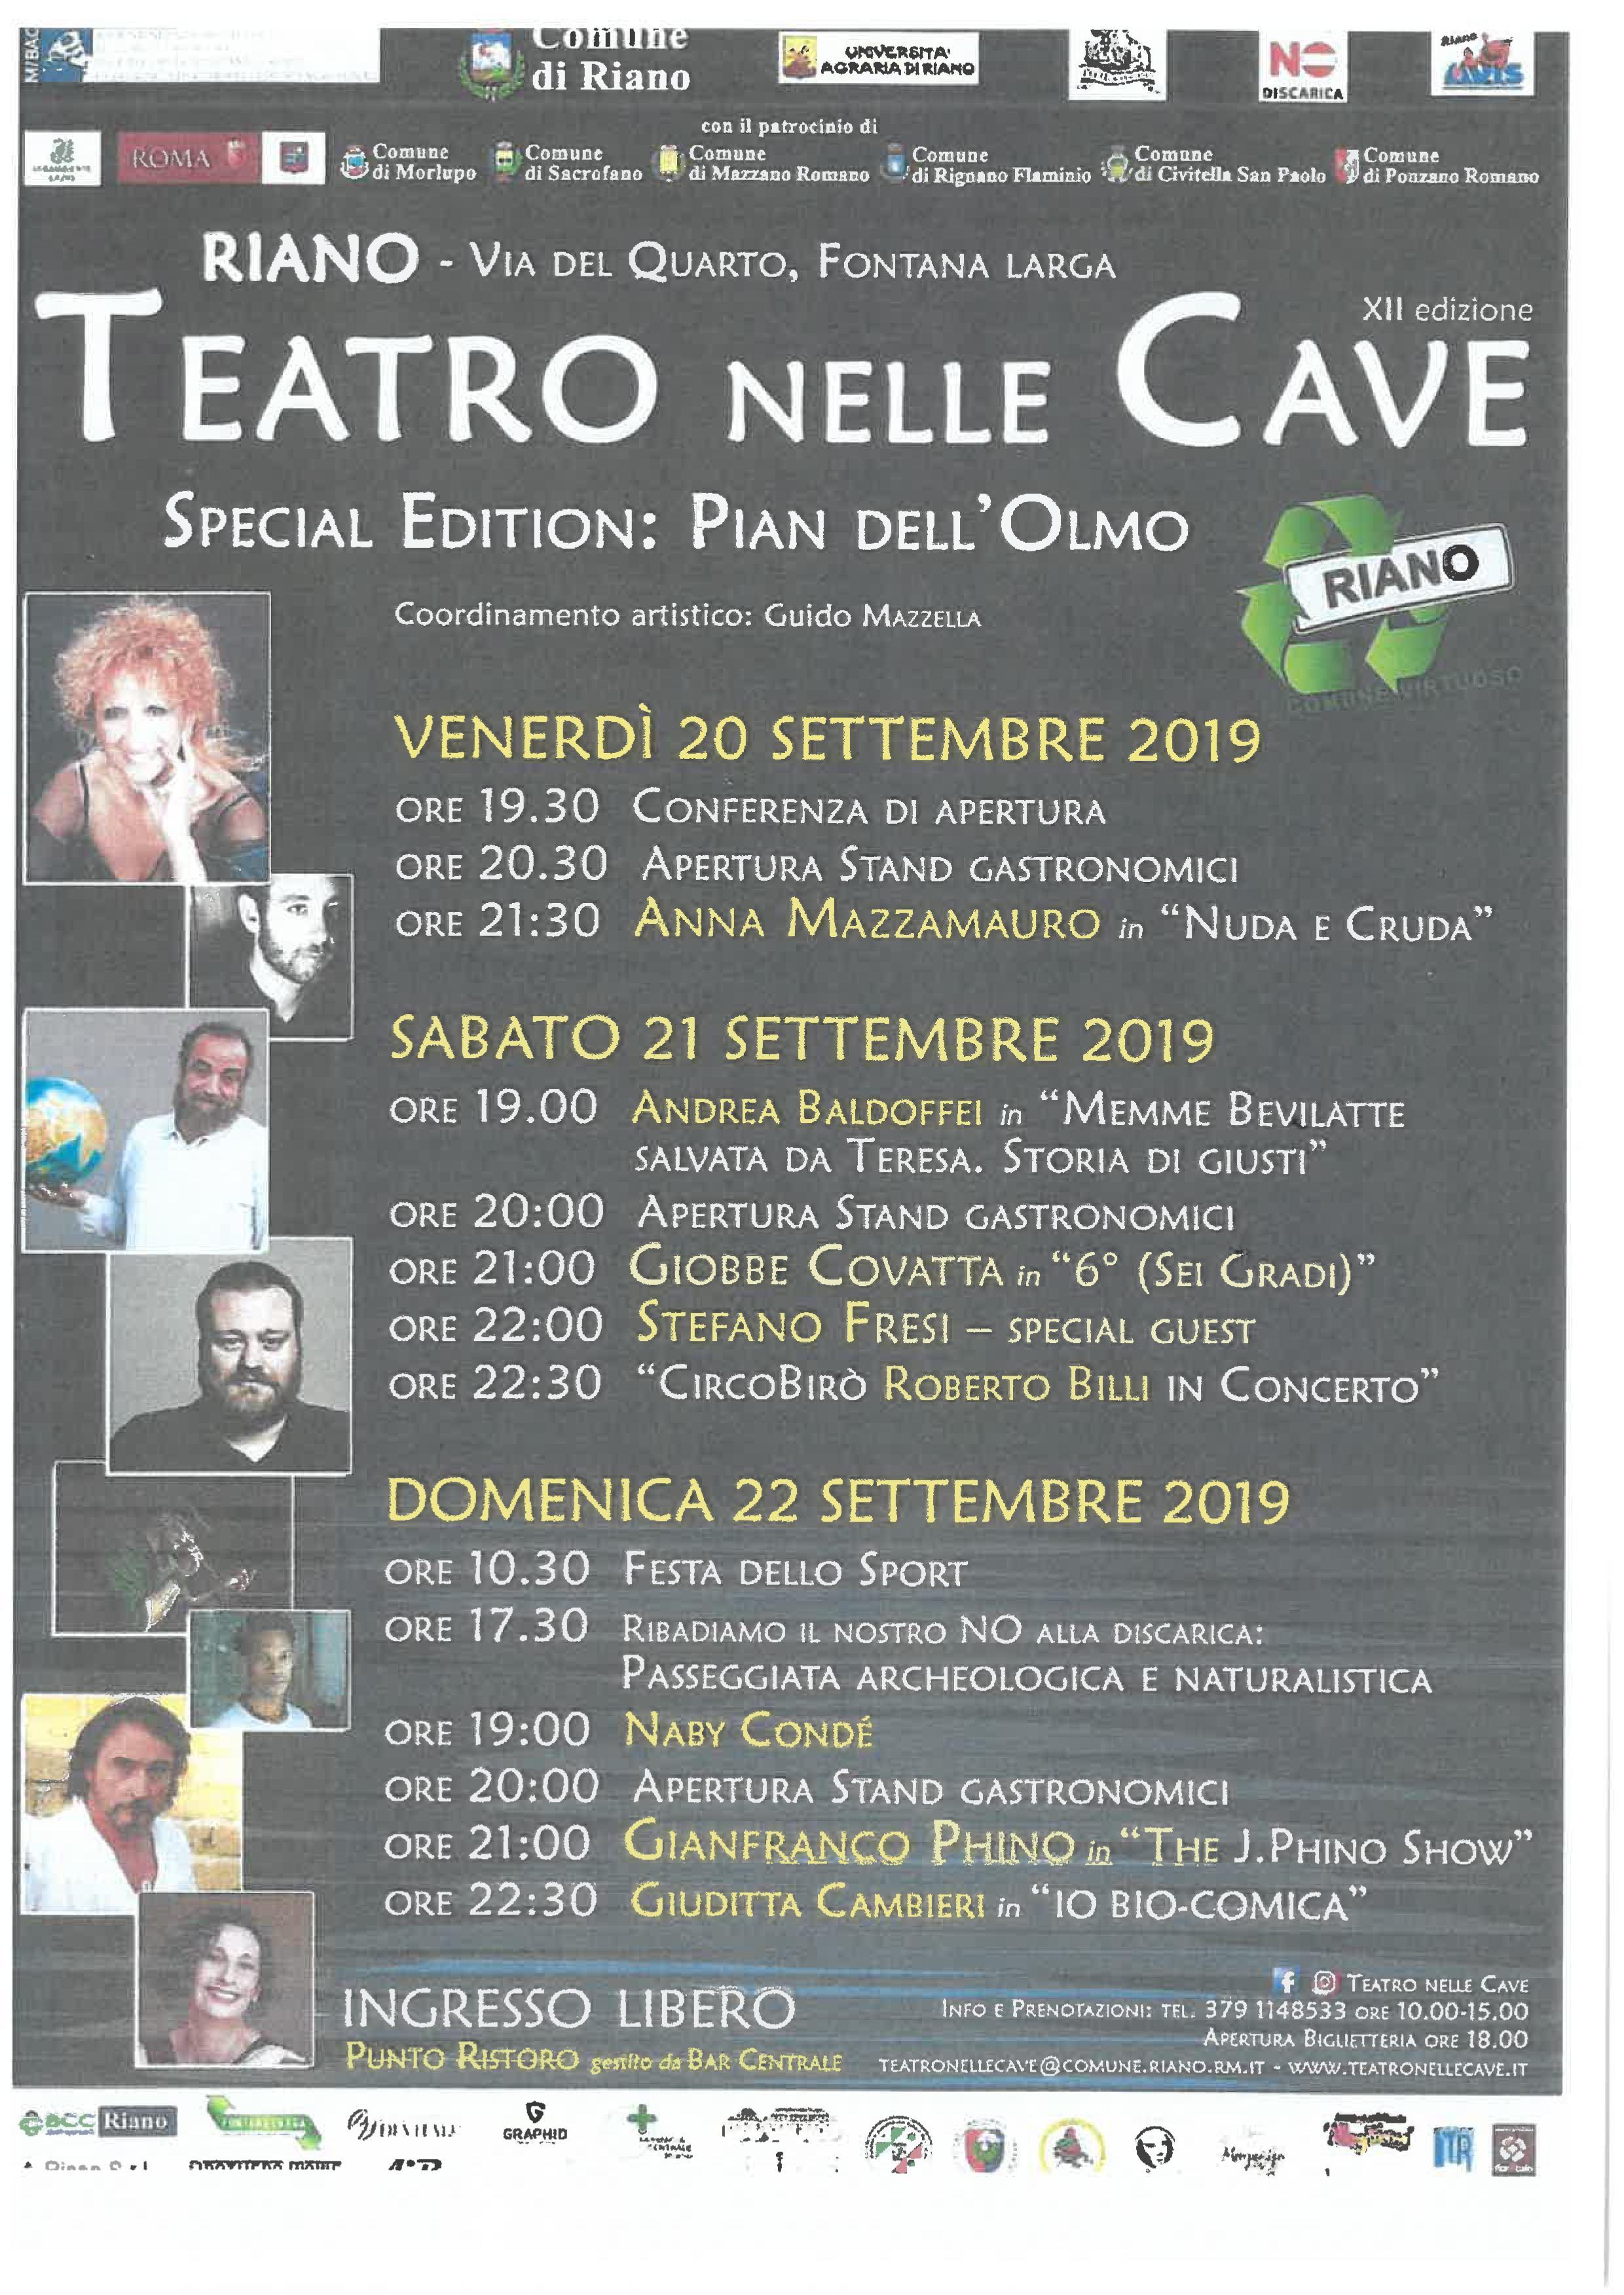 Teatro nelle Cave - Special Edition Pian dell'Olmo